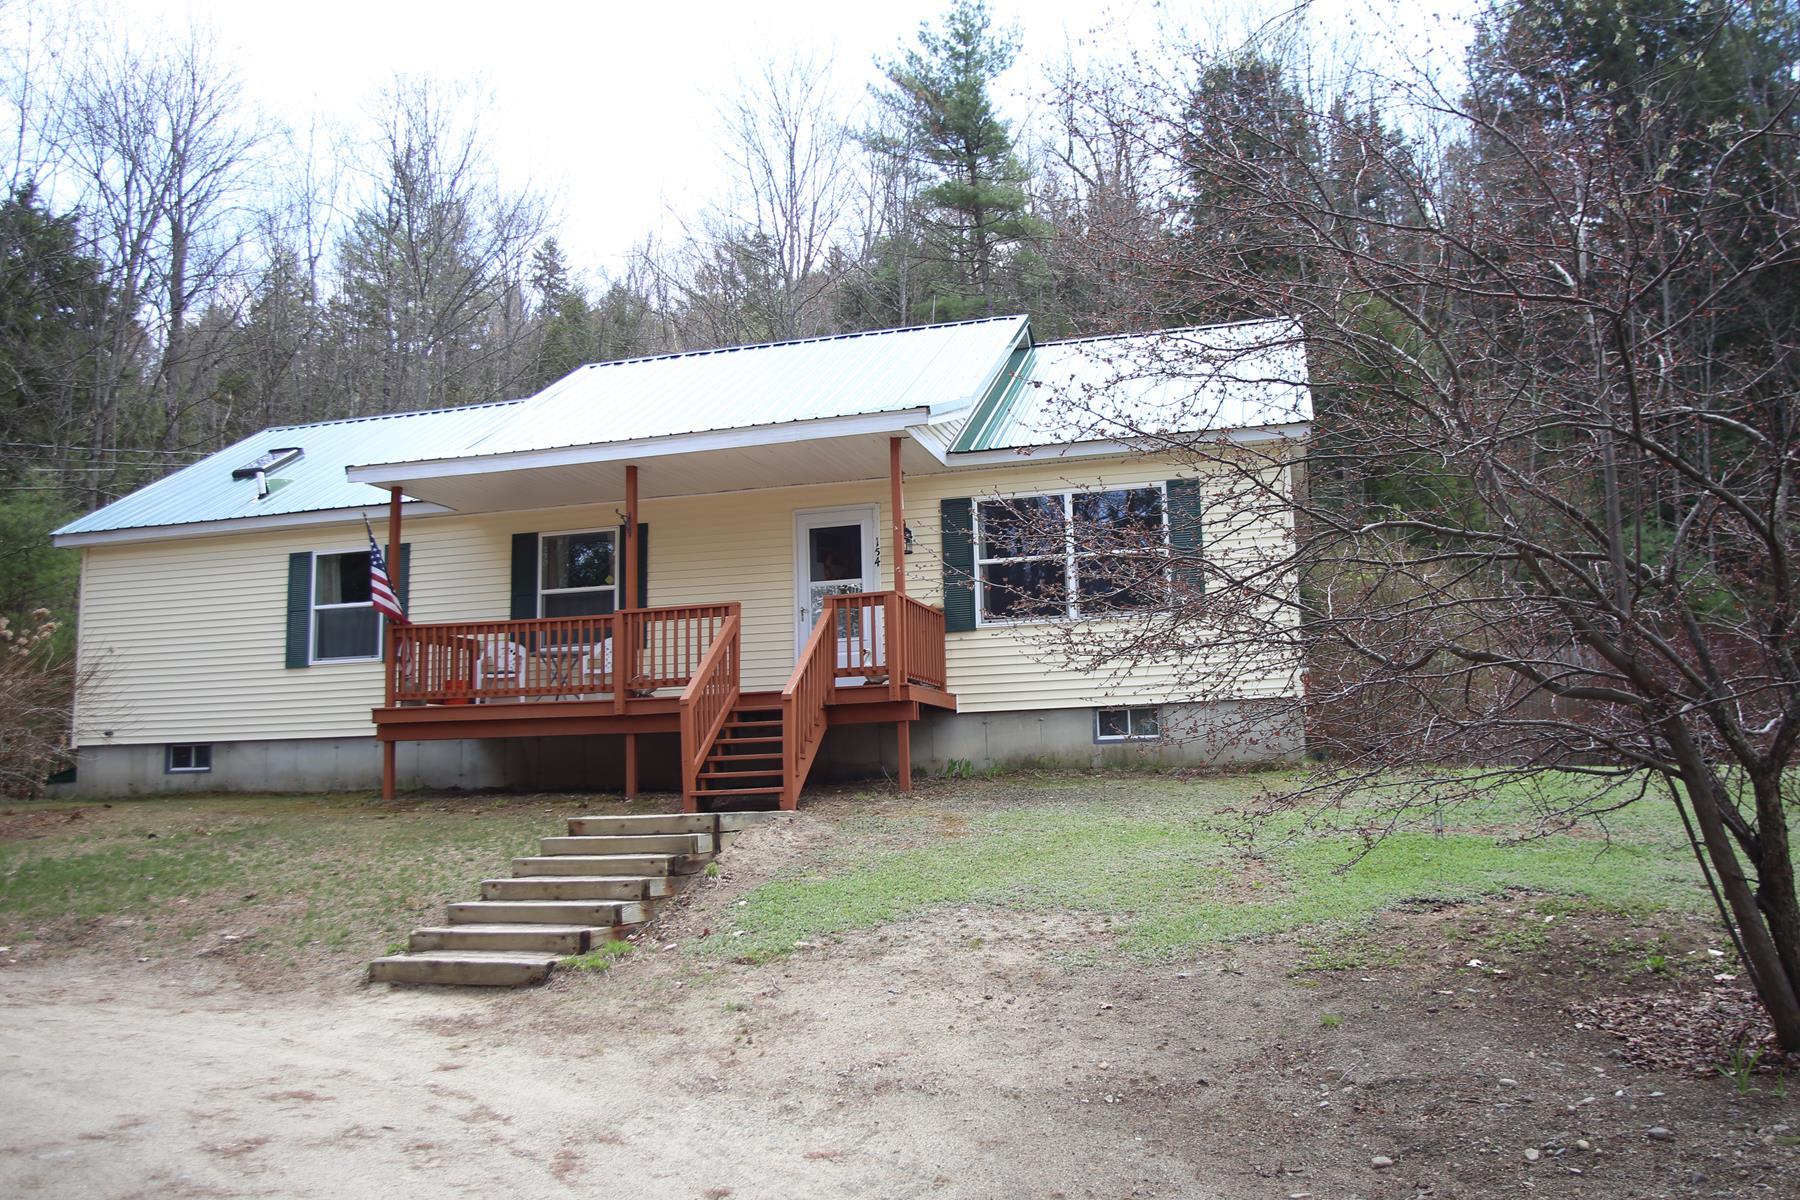 Maison unifamiliale pour l Vente à 154 Campground Road, Wilmot 154 Campground Rd Wilmot, New Hampshire, 03287 États-Unis